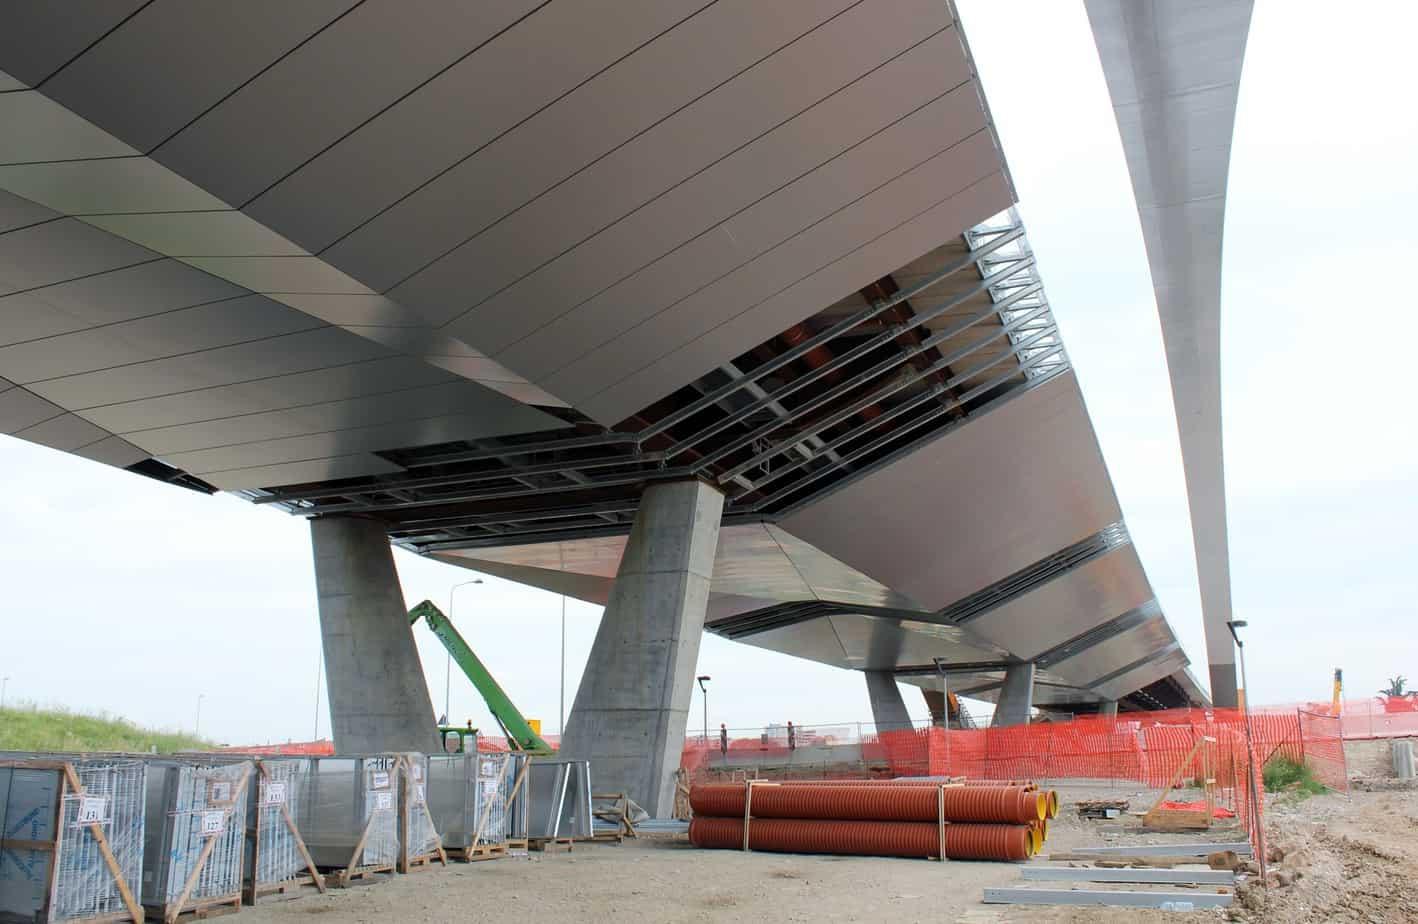 Nove stralli a sostegno del ponte ad arco sull'Autostrada A8, sezione in mezzeria